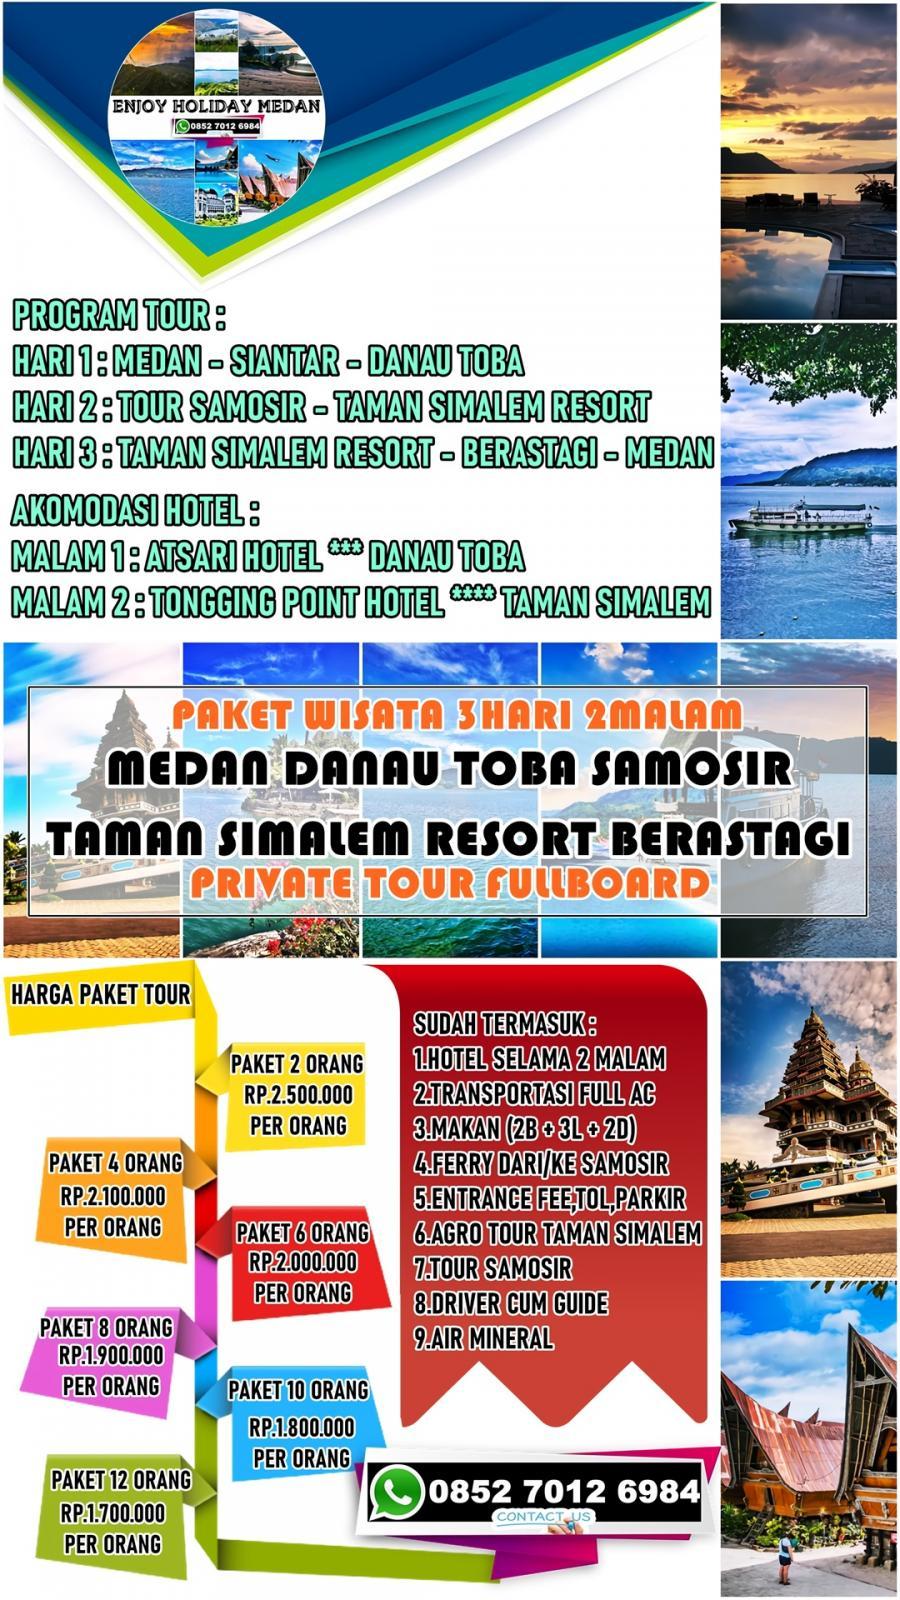 Paket Tour Taman Simalem Resort 3 Hari 2 Malam